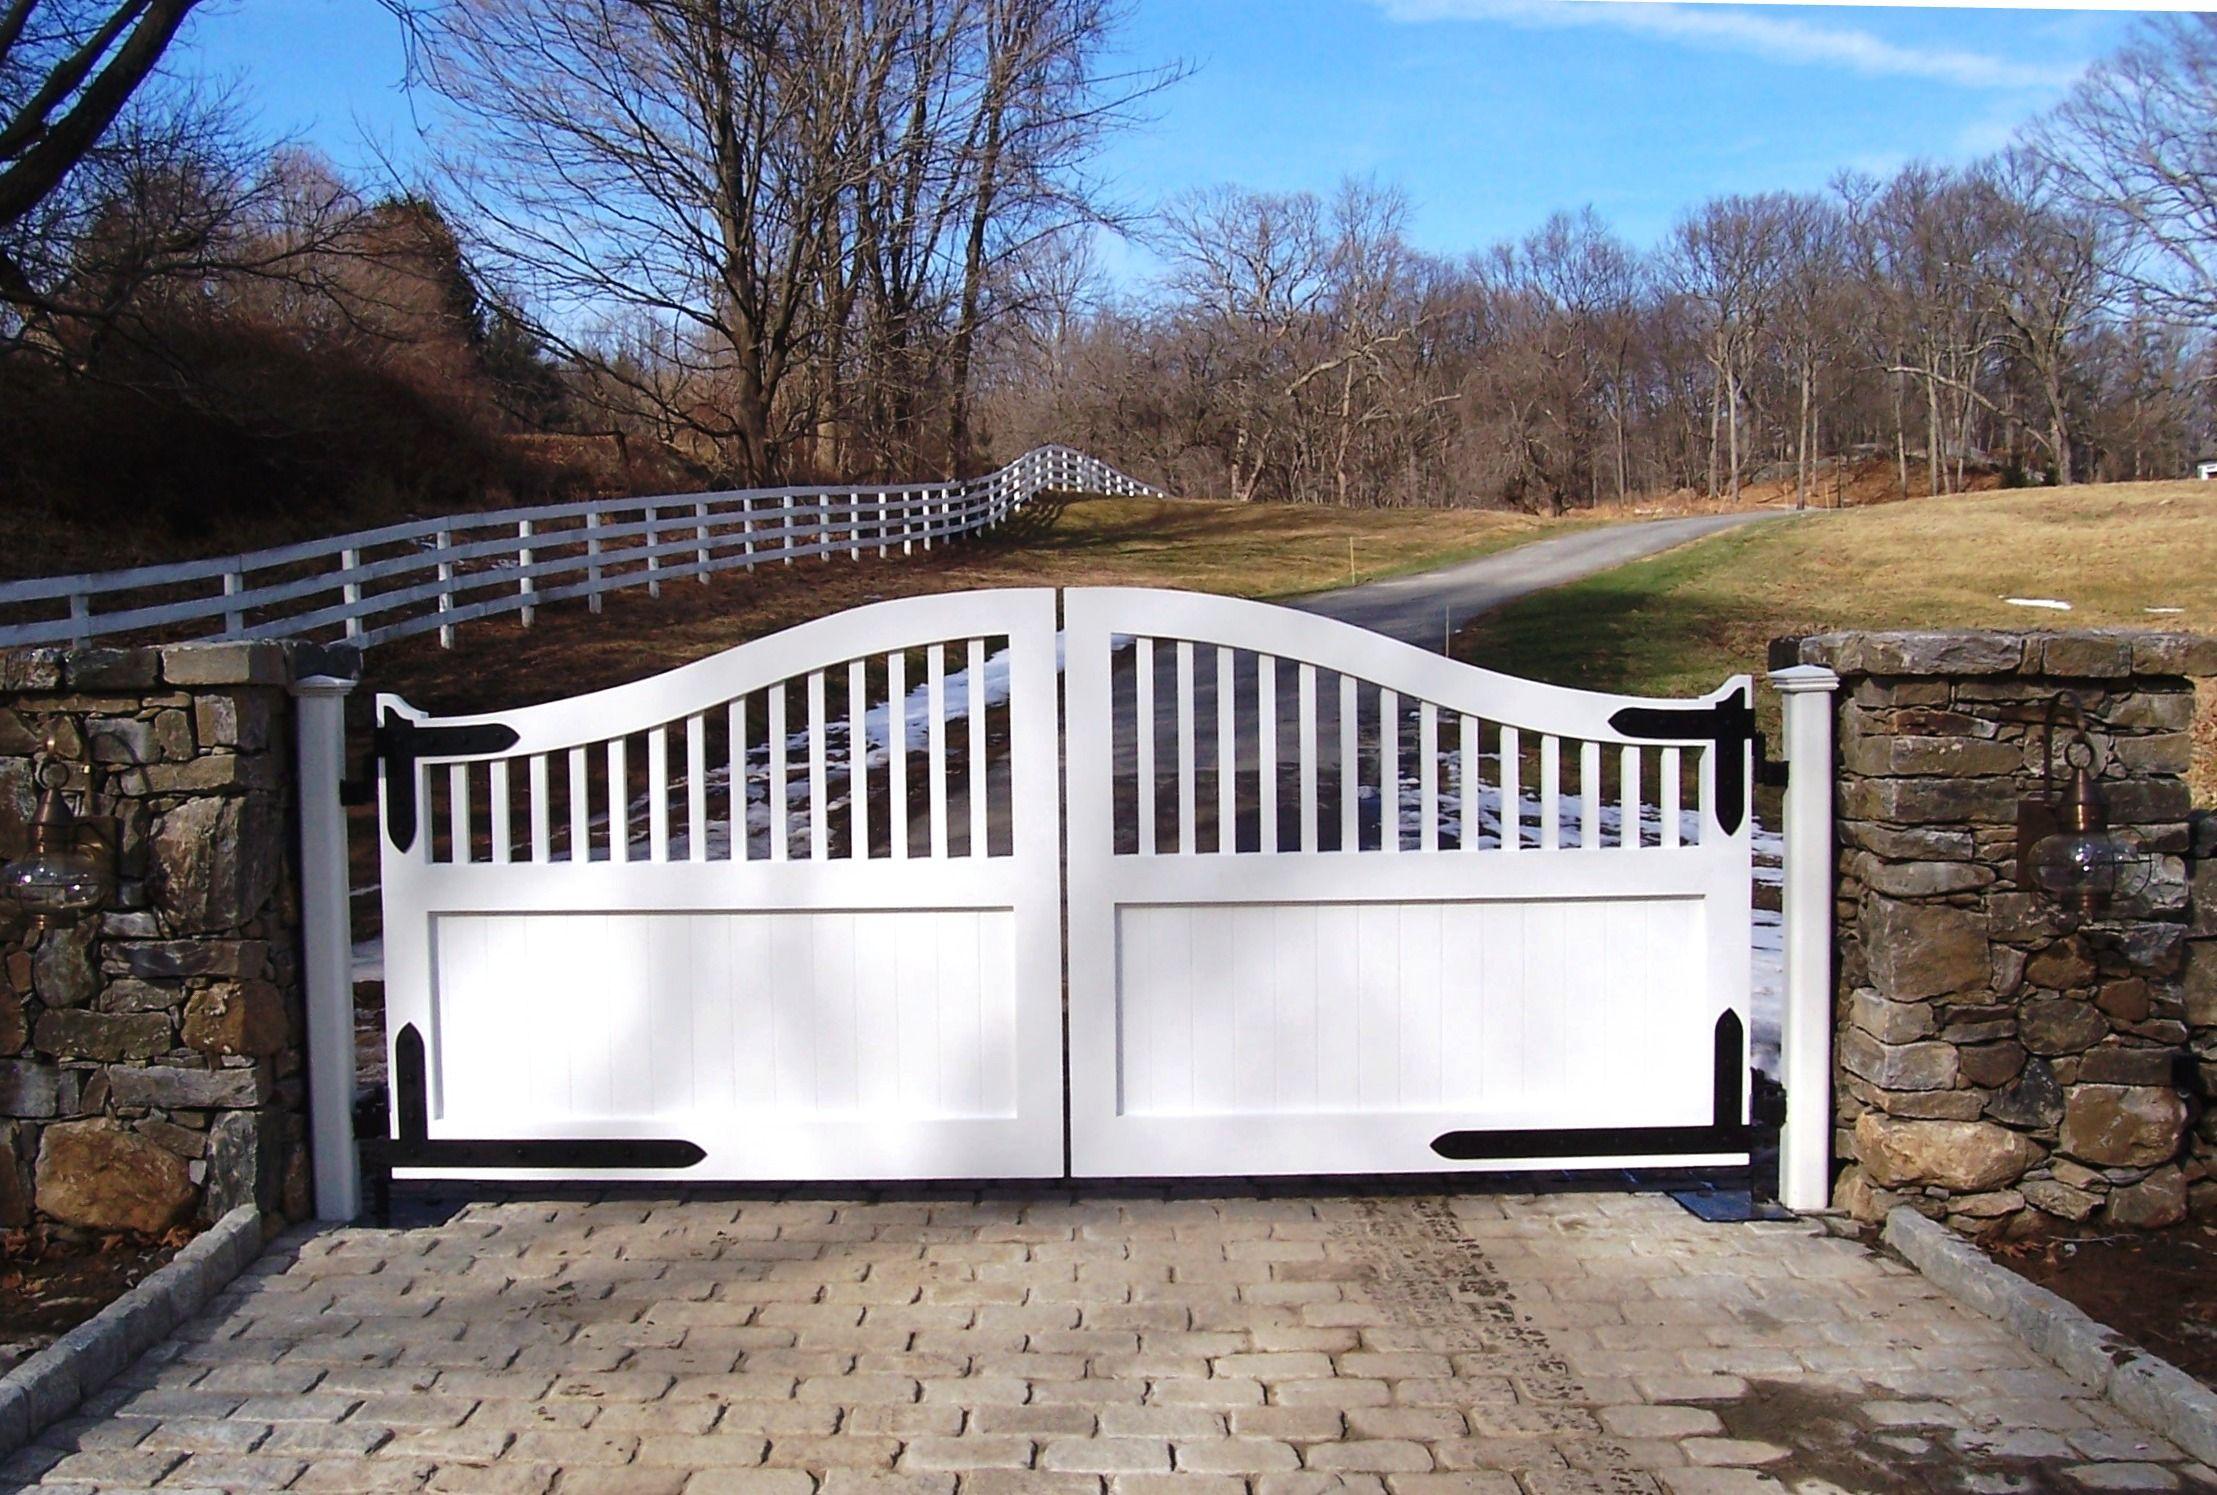 gate called beautiful playing - HD2217×1495